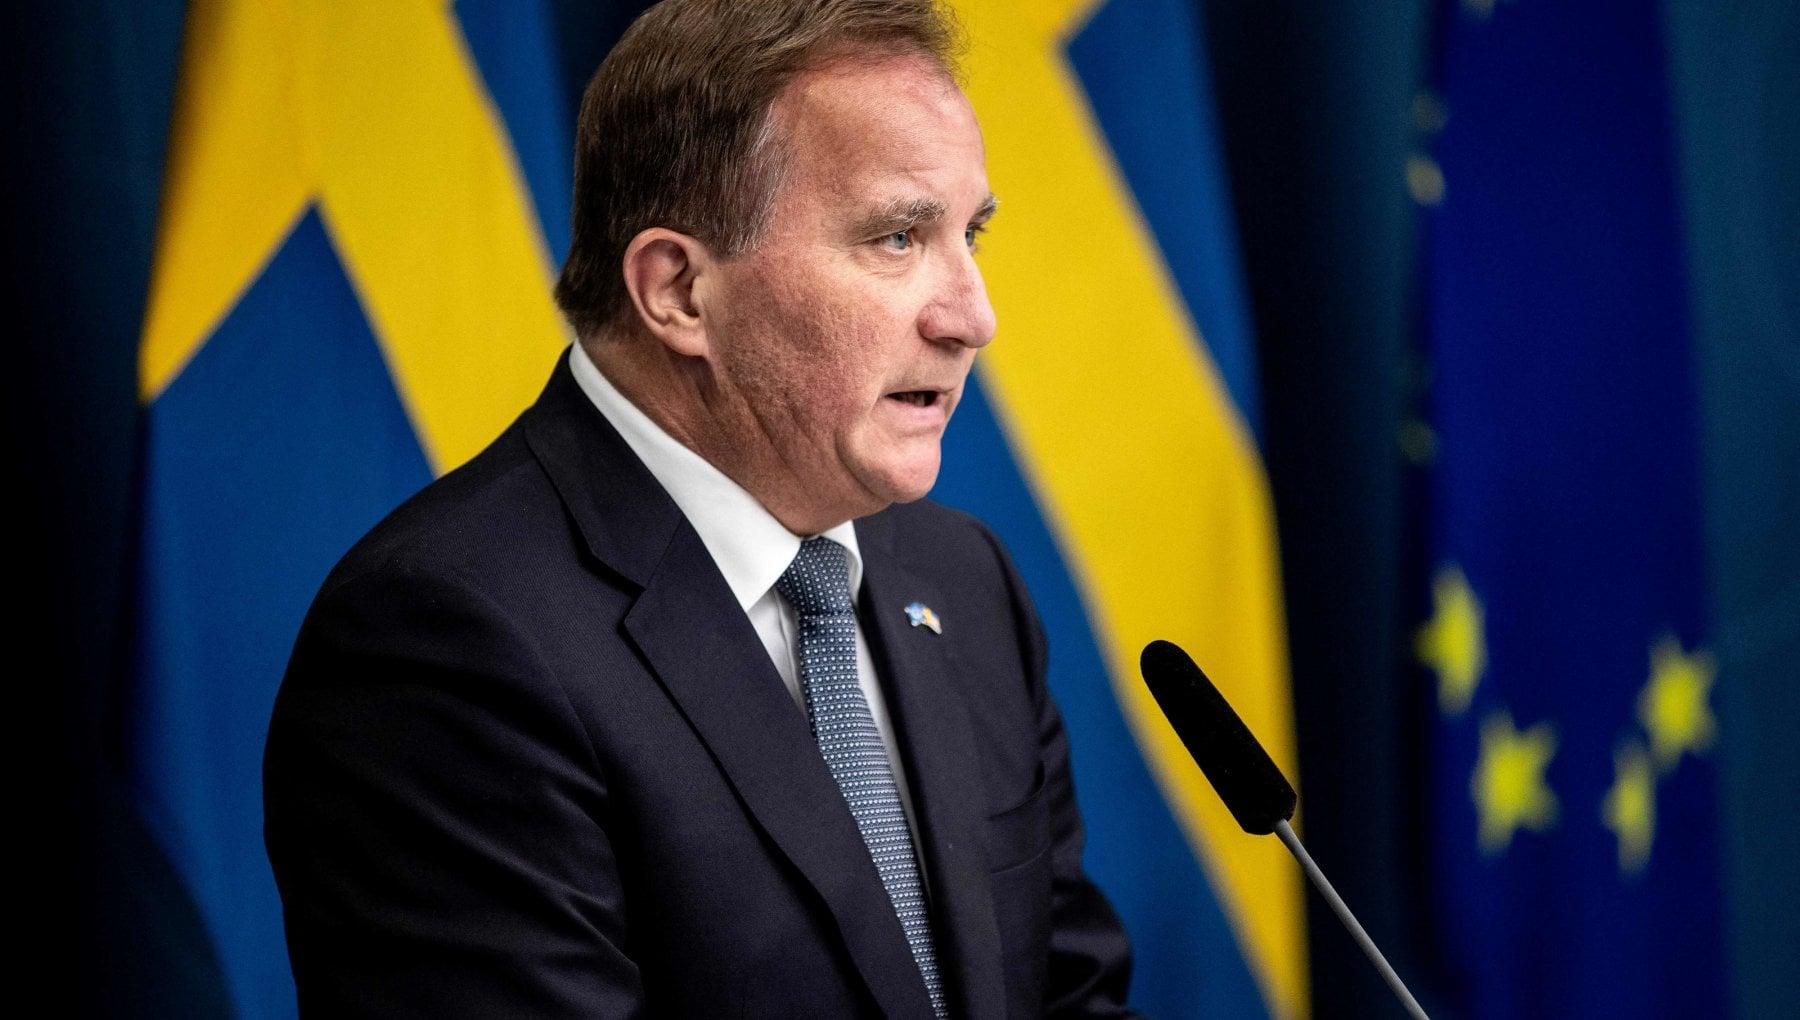 105701526 f8e2b208 98ef 4e46 913b 893684a0a5ac - Svezia, crisi di governo: falliscono i conservatori, l'incarico torna ai socialdemocratici